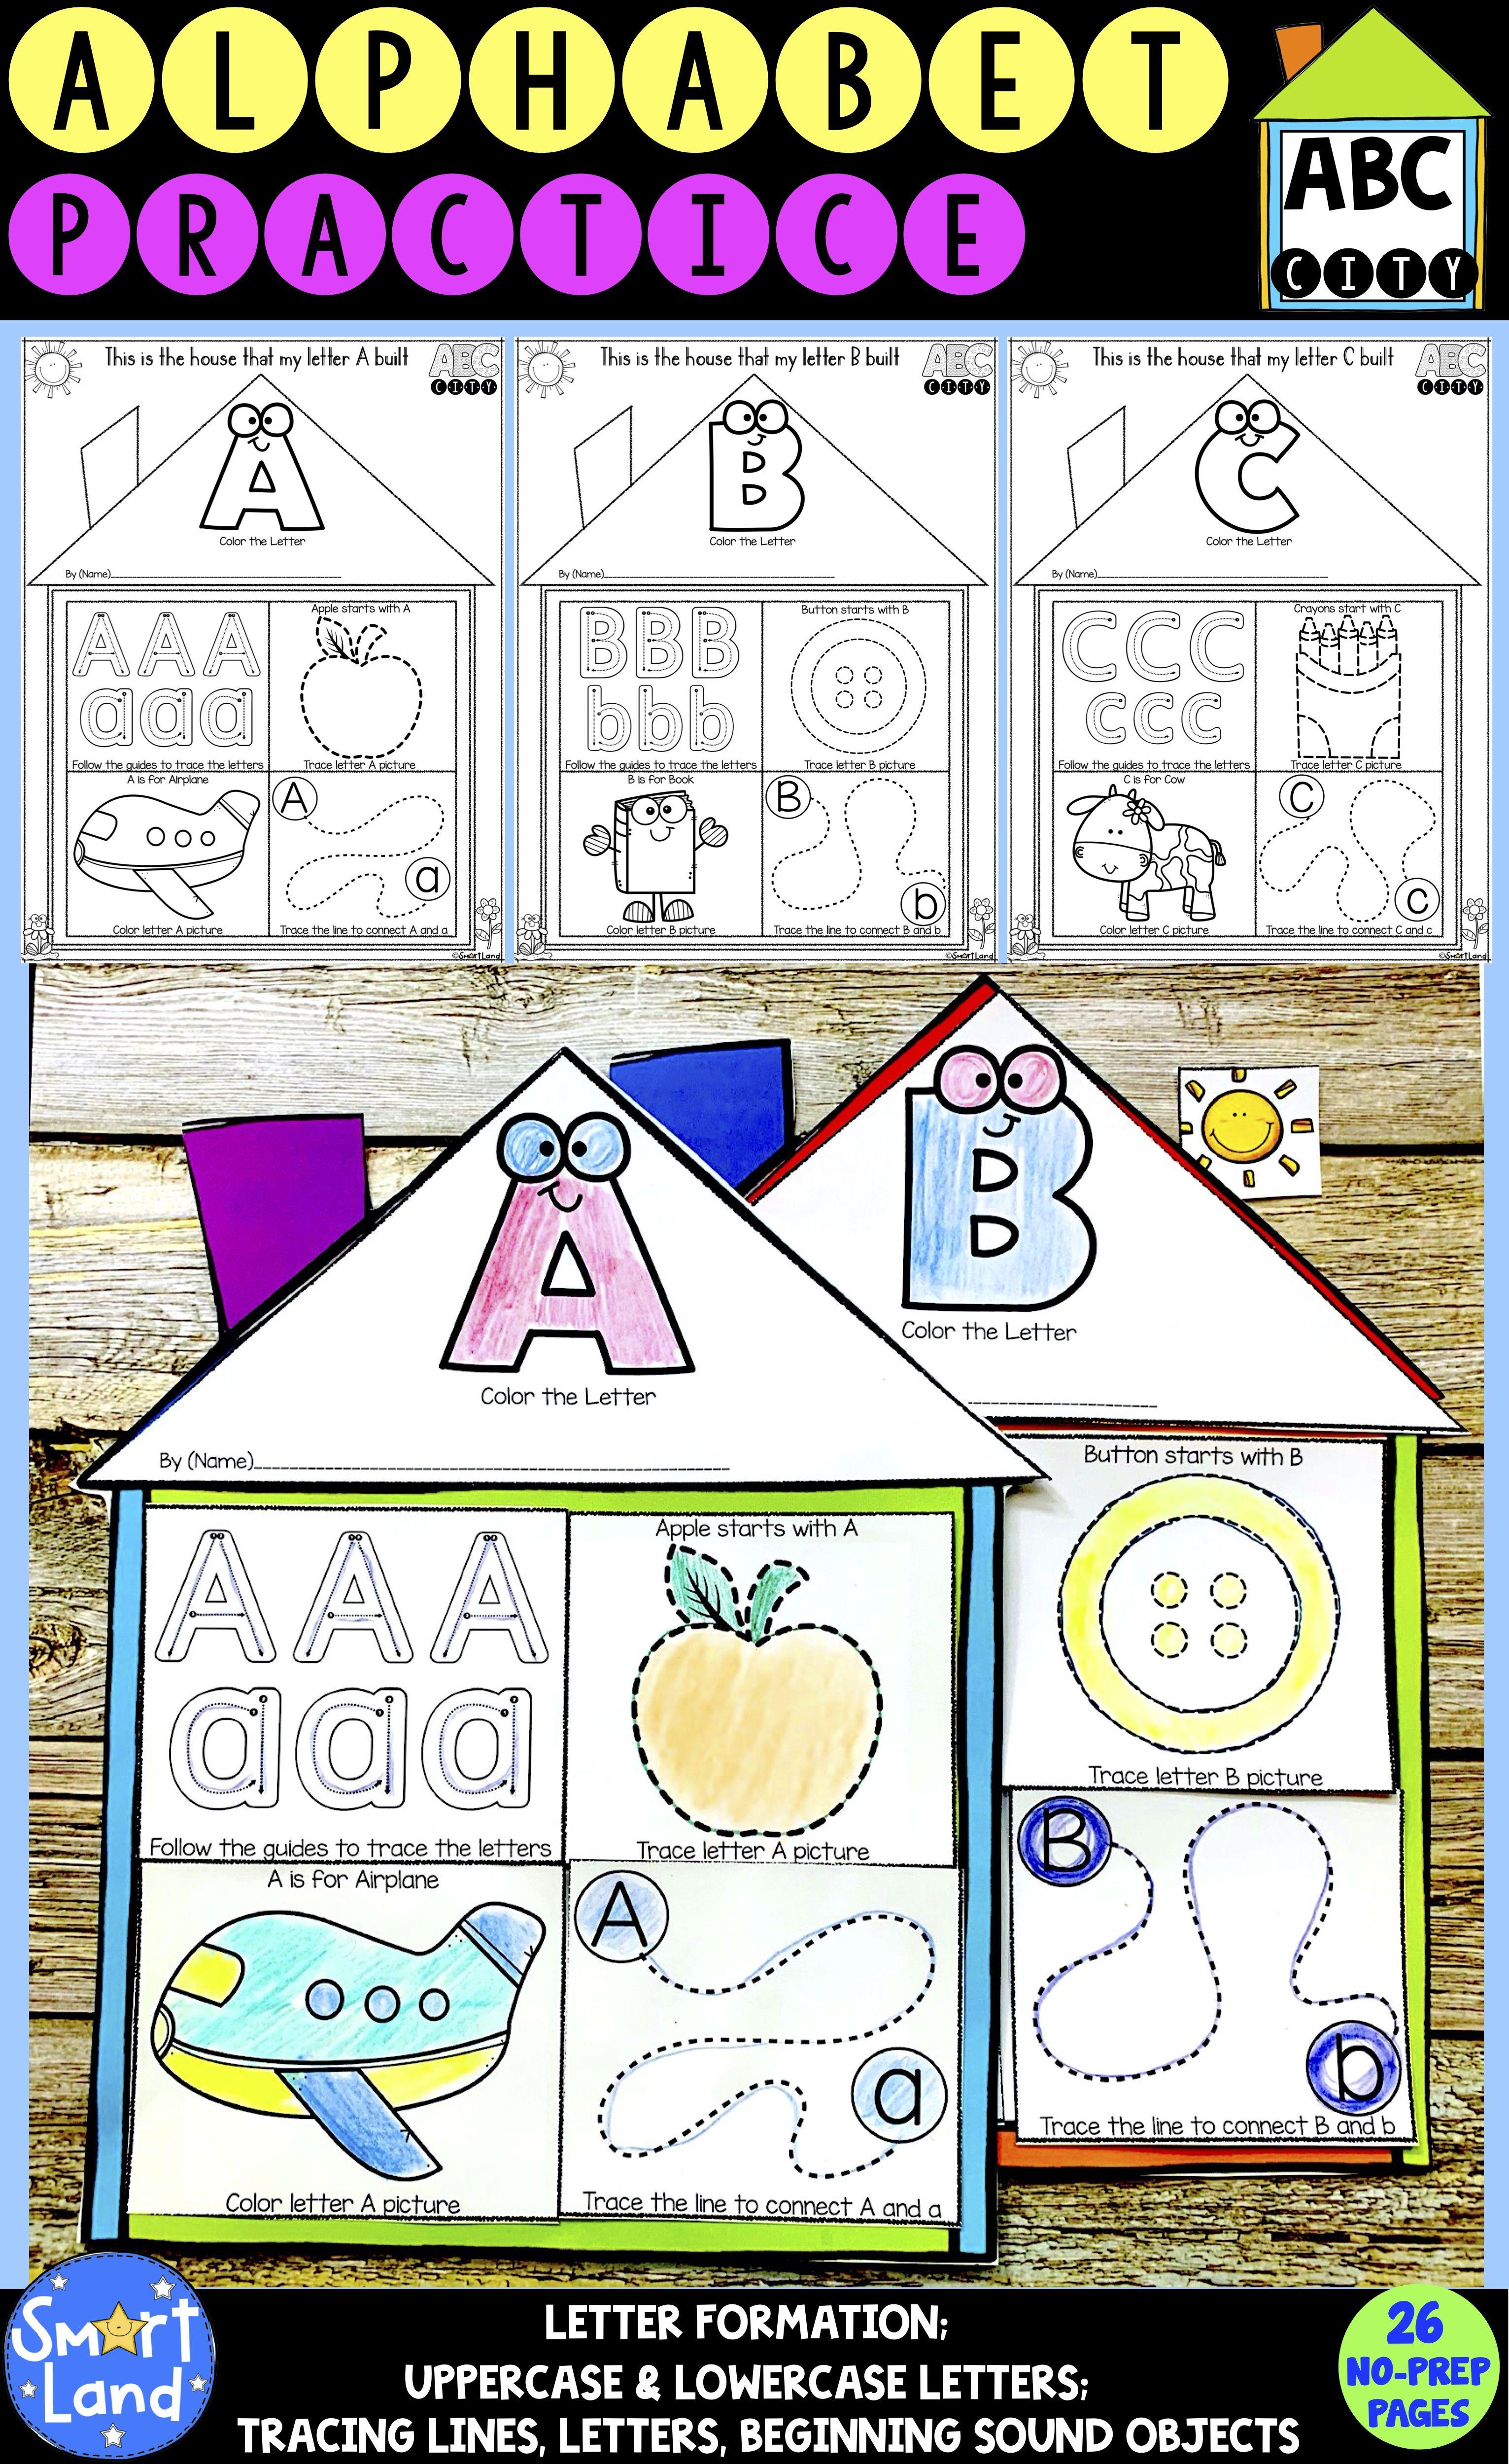 Alphabet Handwriting Practice Abc City In